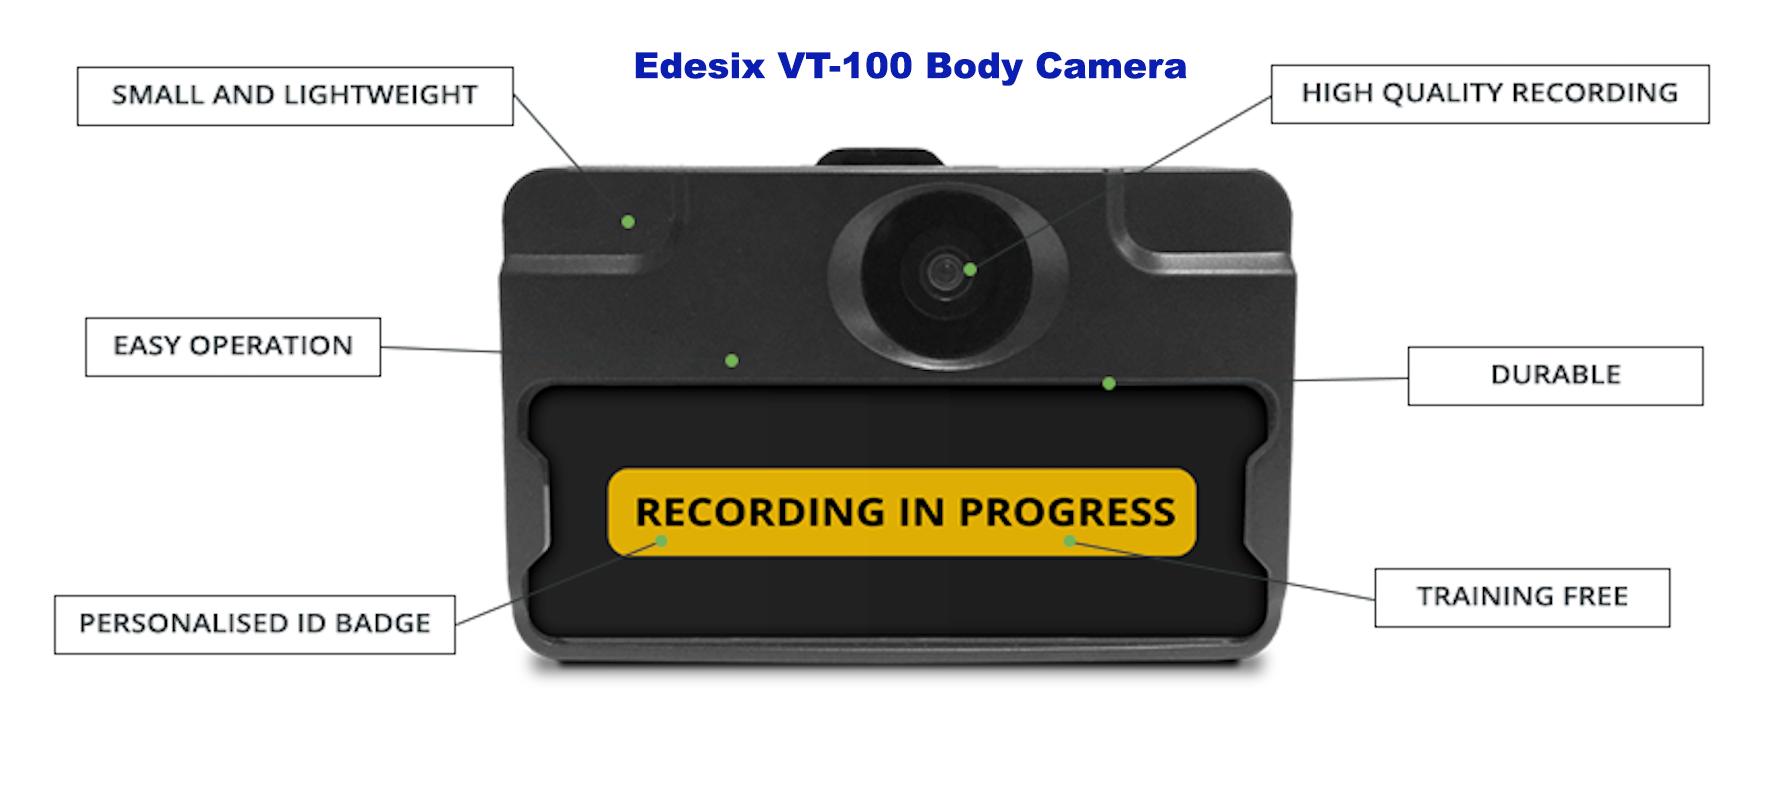 VT-100 Body Camera